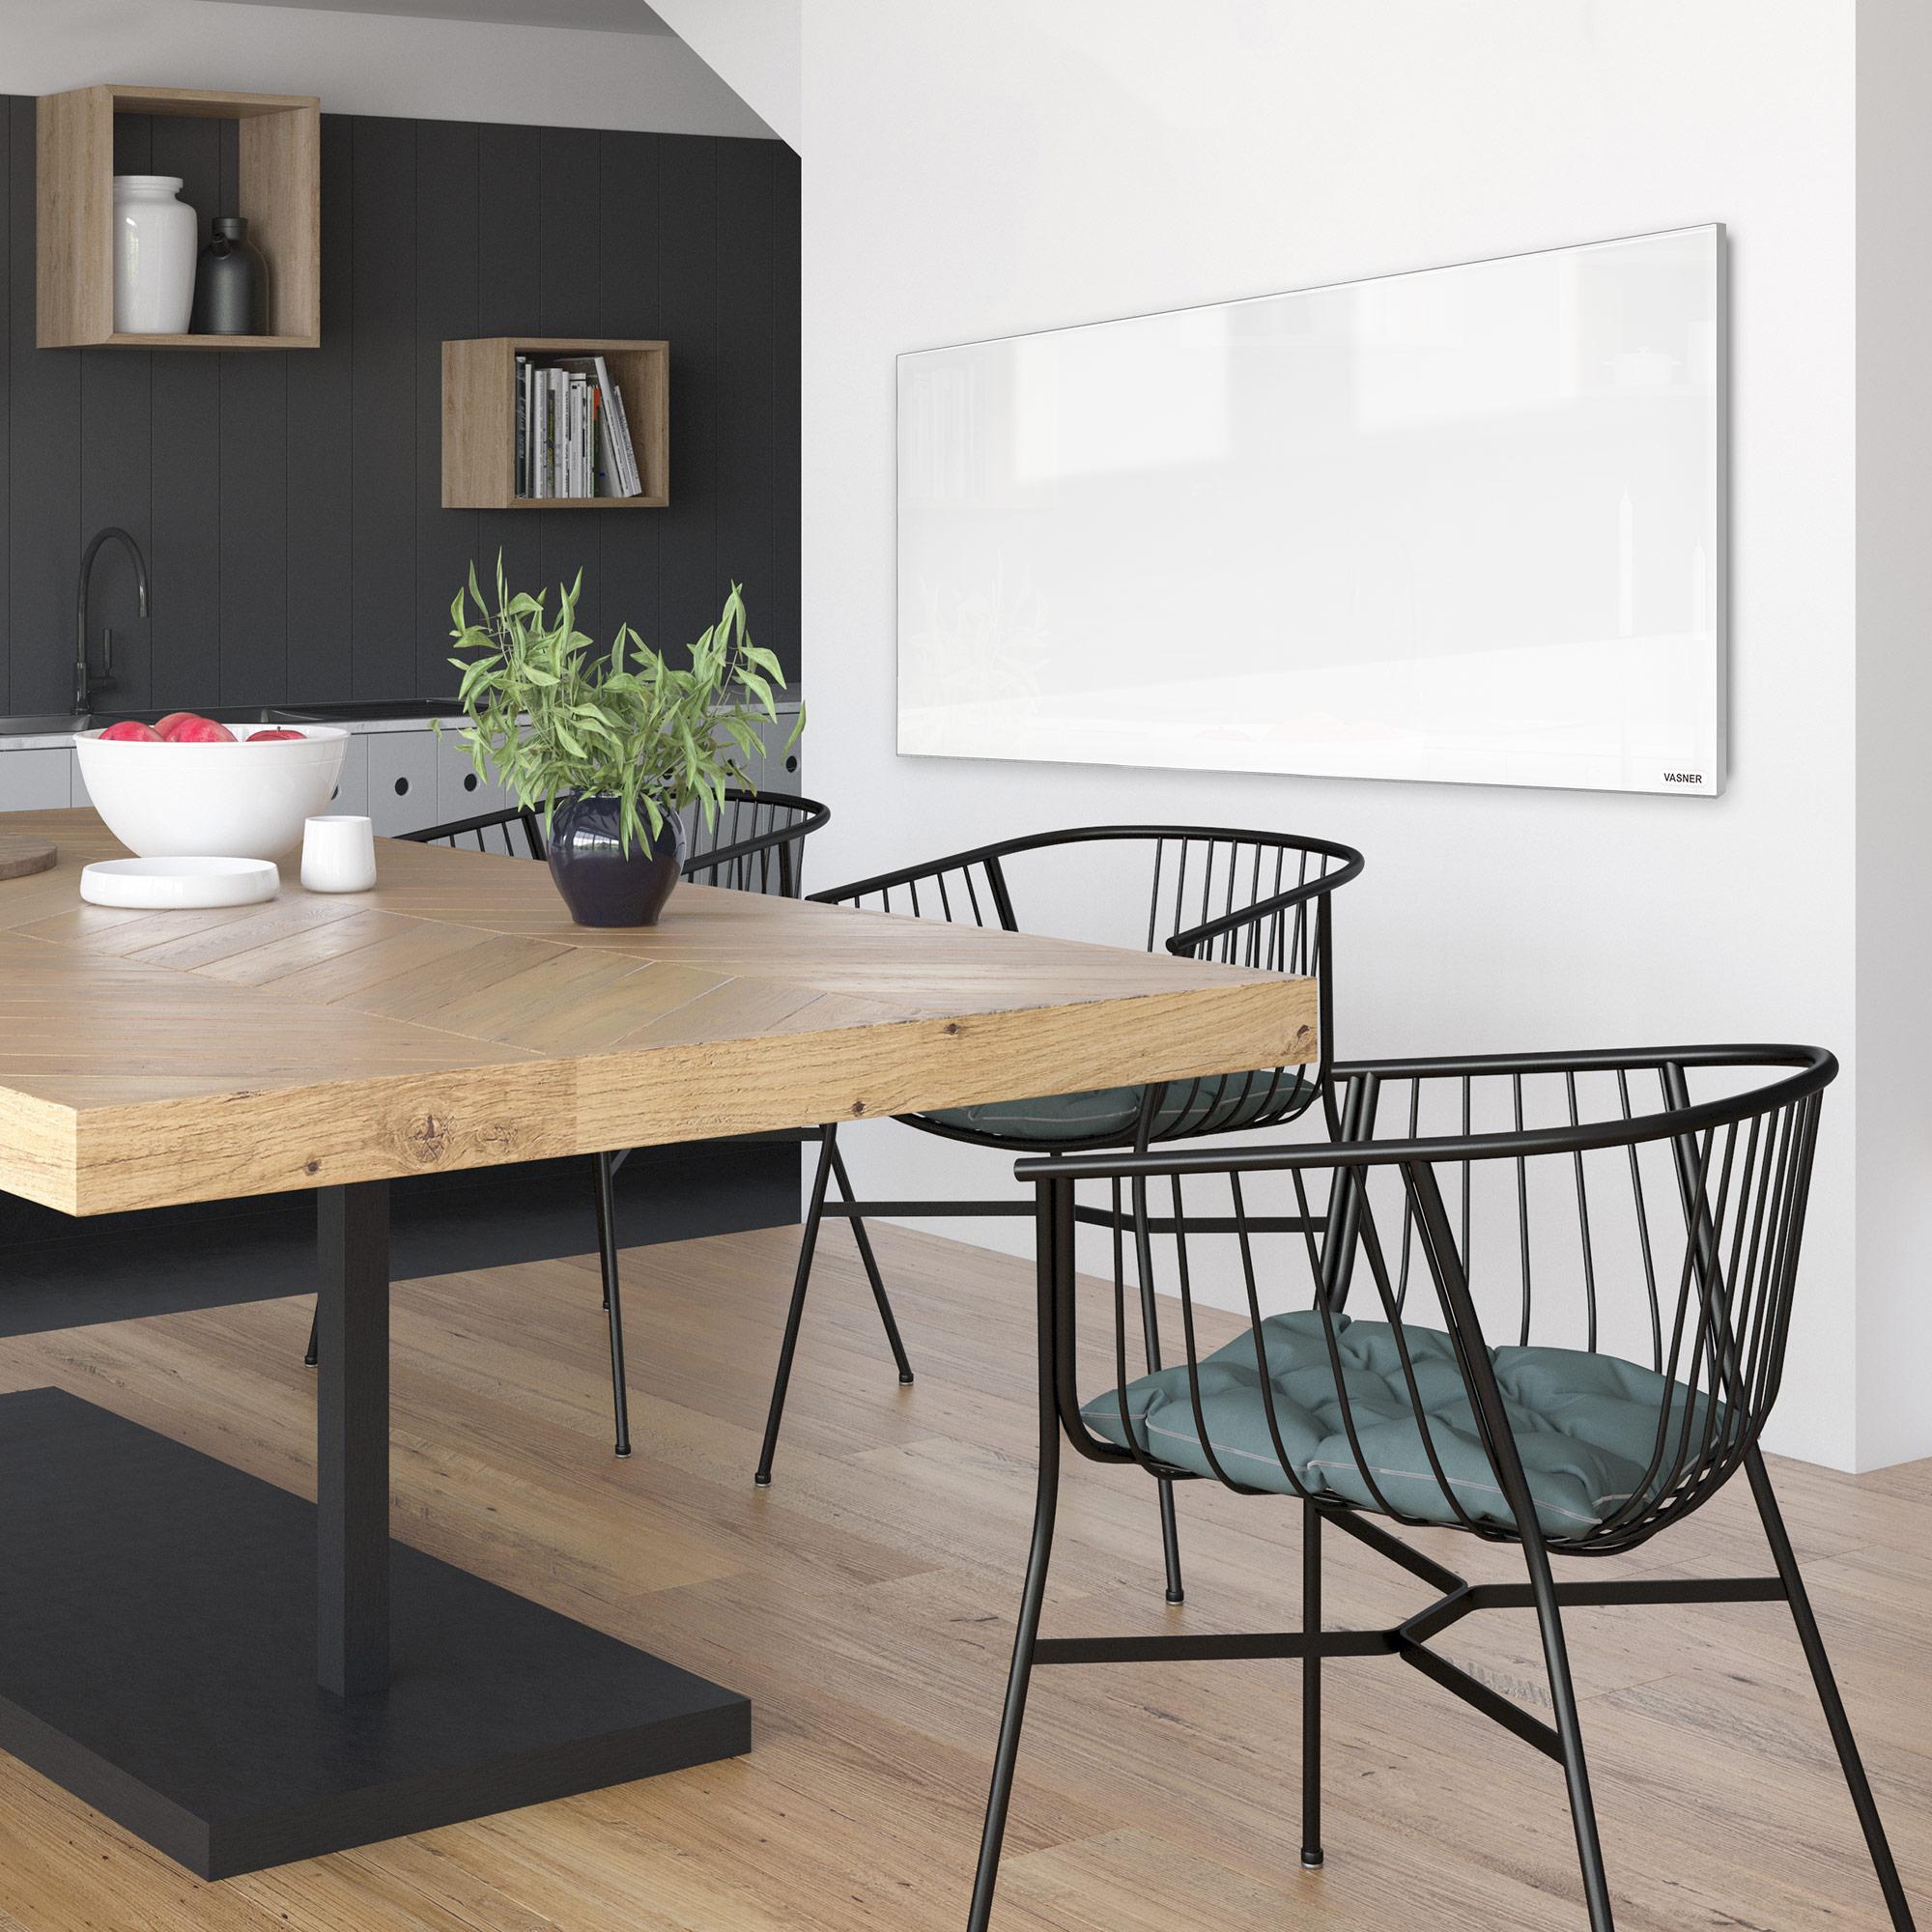 Infrarotheizung Glas Weiß mit Rahmen in der Küche